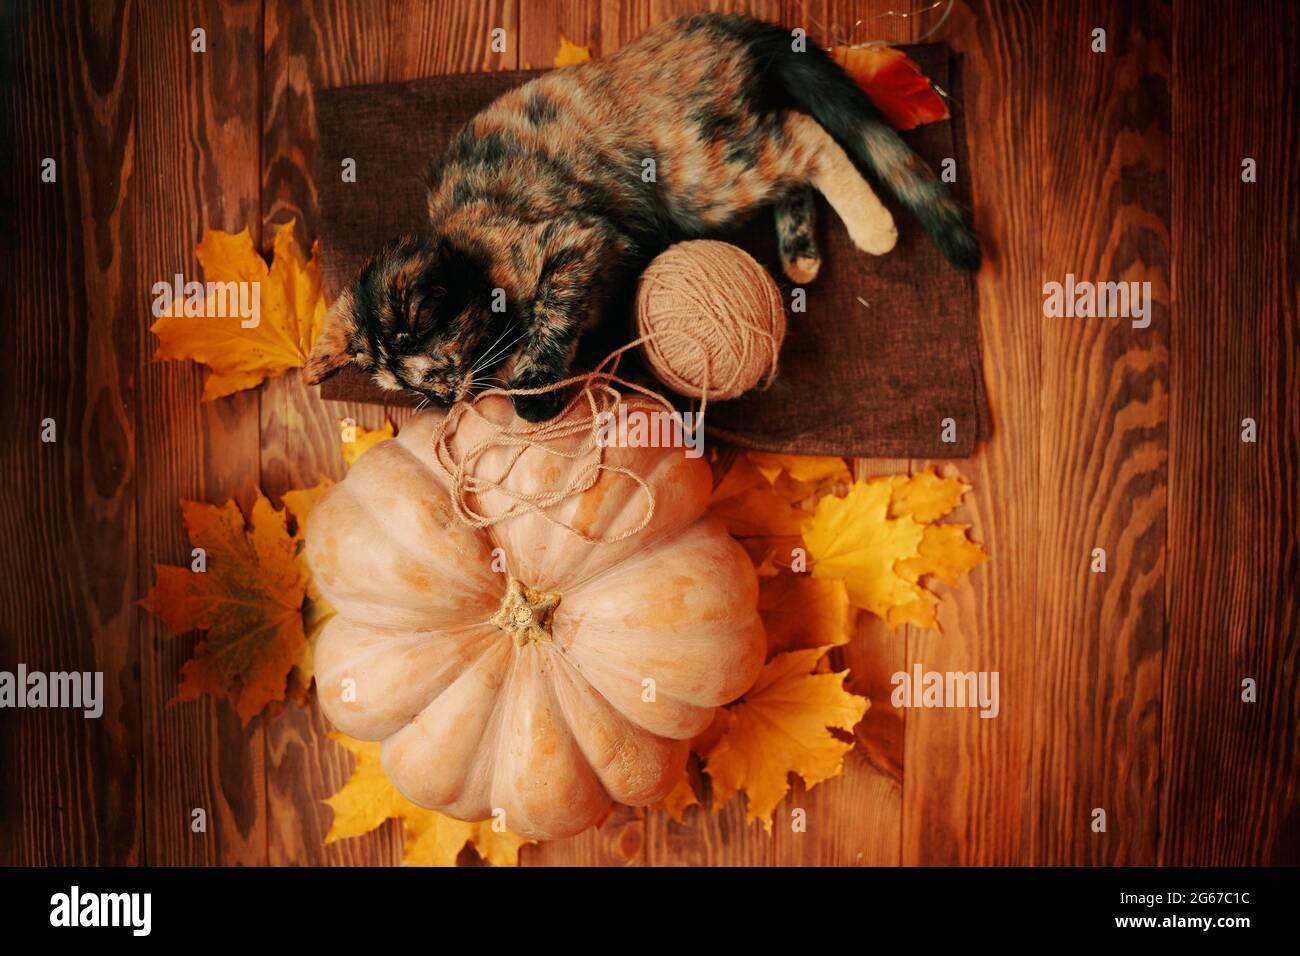 El gatito pequeño está jugando con una bola de hilo en una alfombra marrón. Calabaza madura grande, gato lindo y hojas amarillas de otoño sobre un fondo de madera. Foto de stock